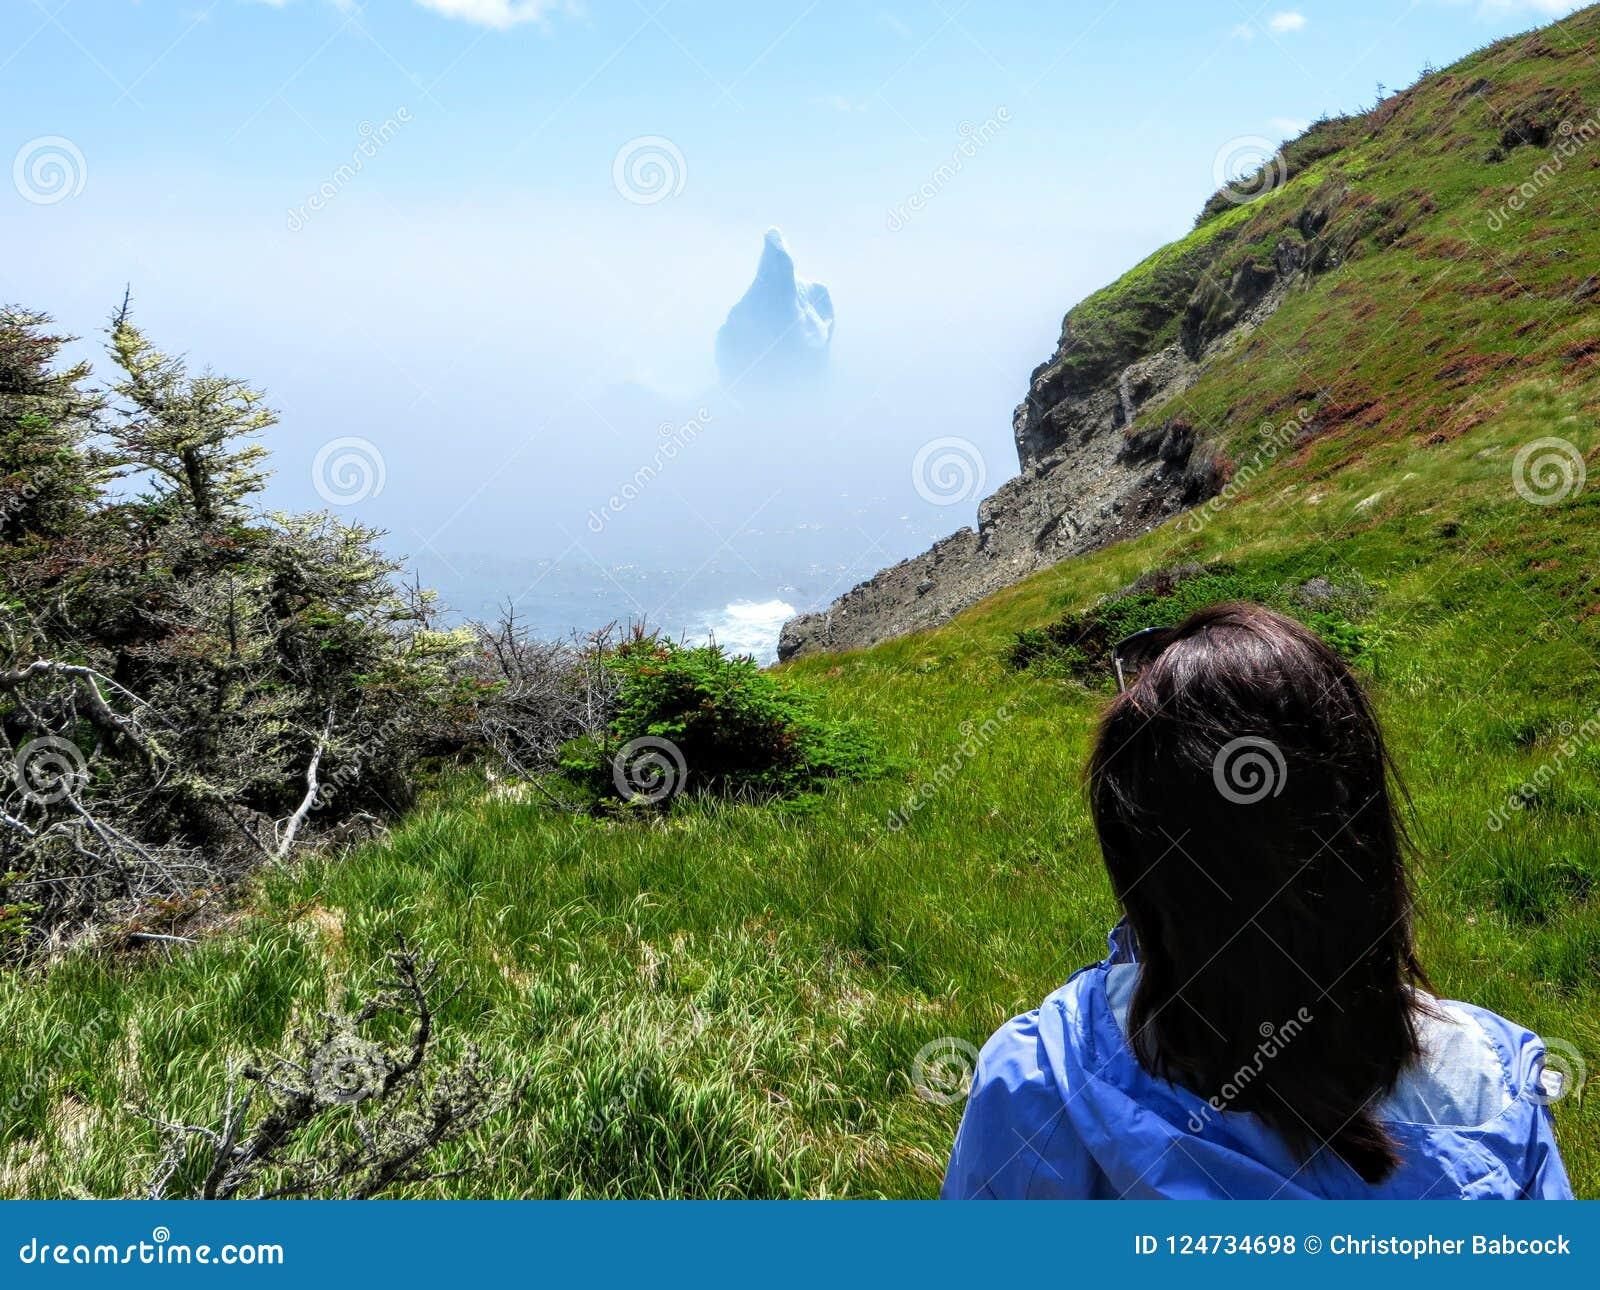 Turista fêmea que admira um iceberg incrível que flutua ao longo da costa áspera ao lado da fuga de Skerwink em Terra Nova e em L